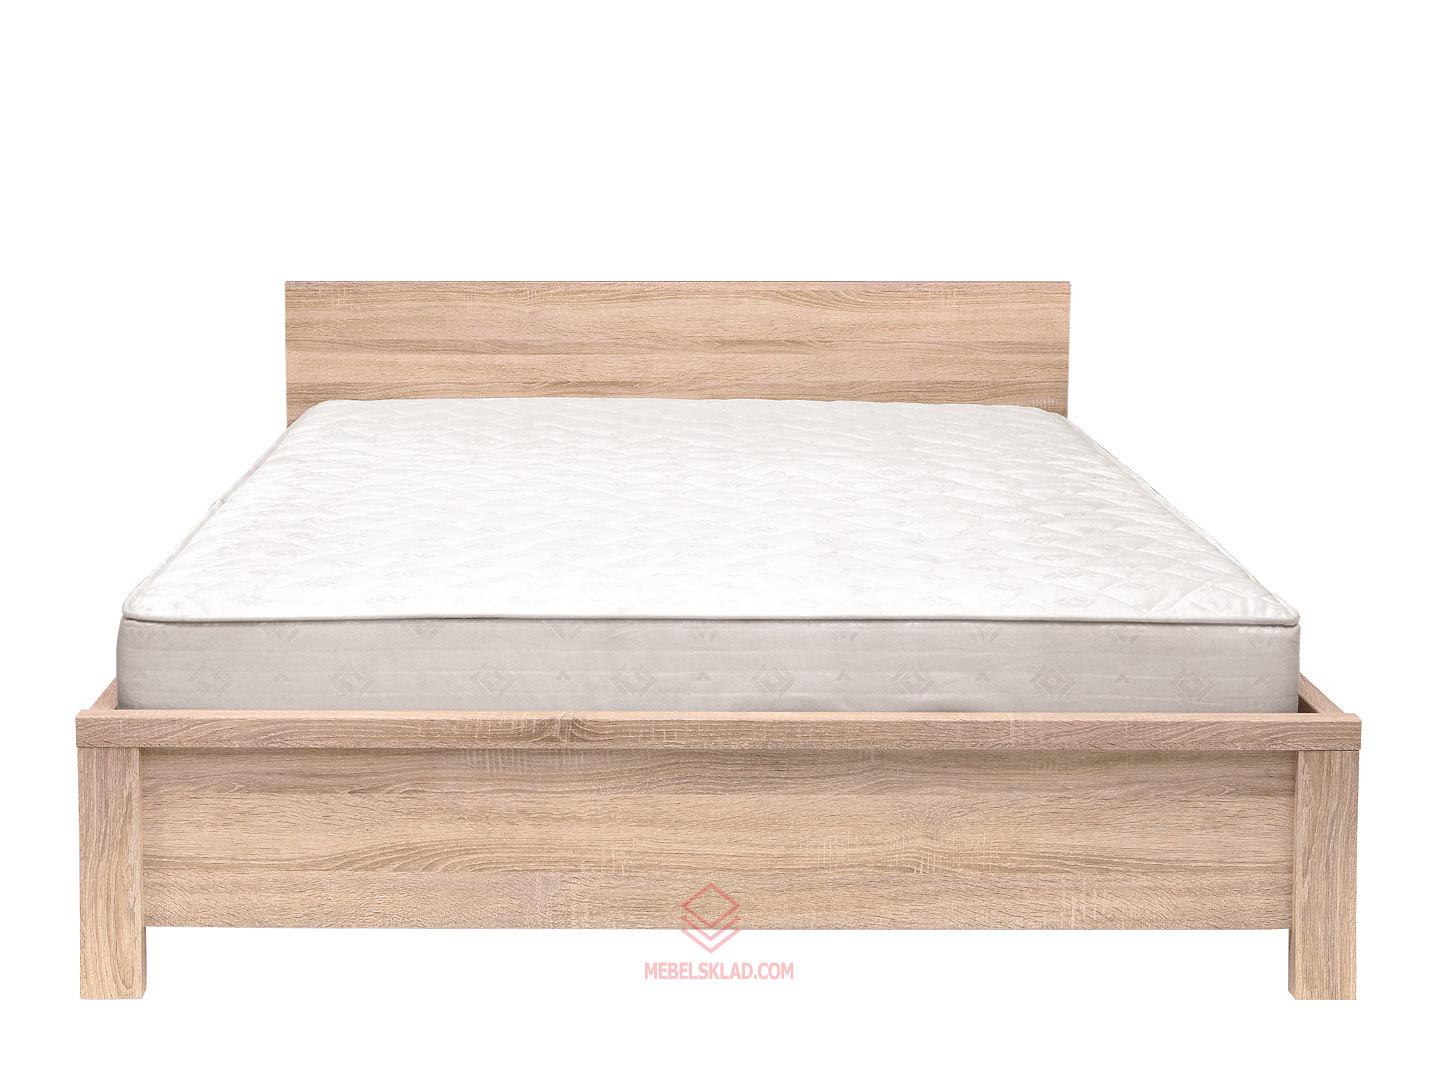 Кровать LOZ160х200_2 дуб сонома КАСПИАН - гибкое основание